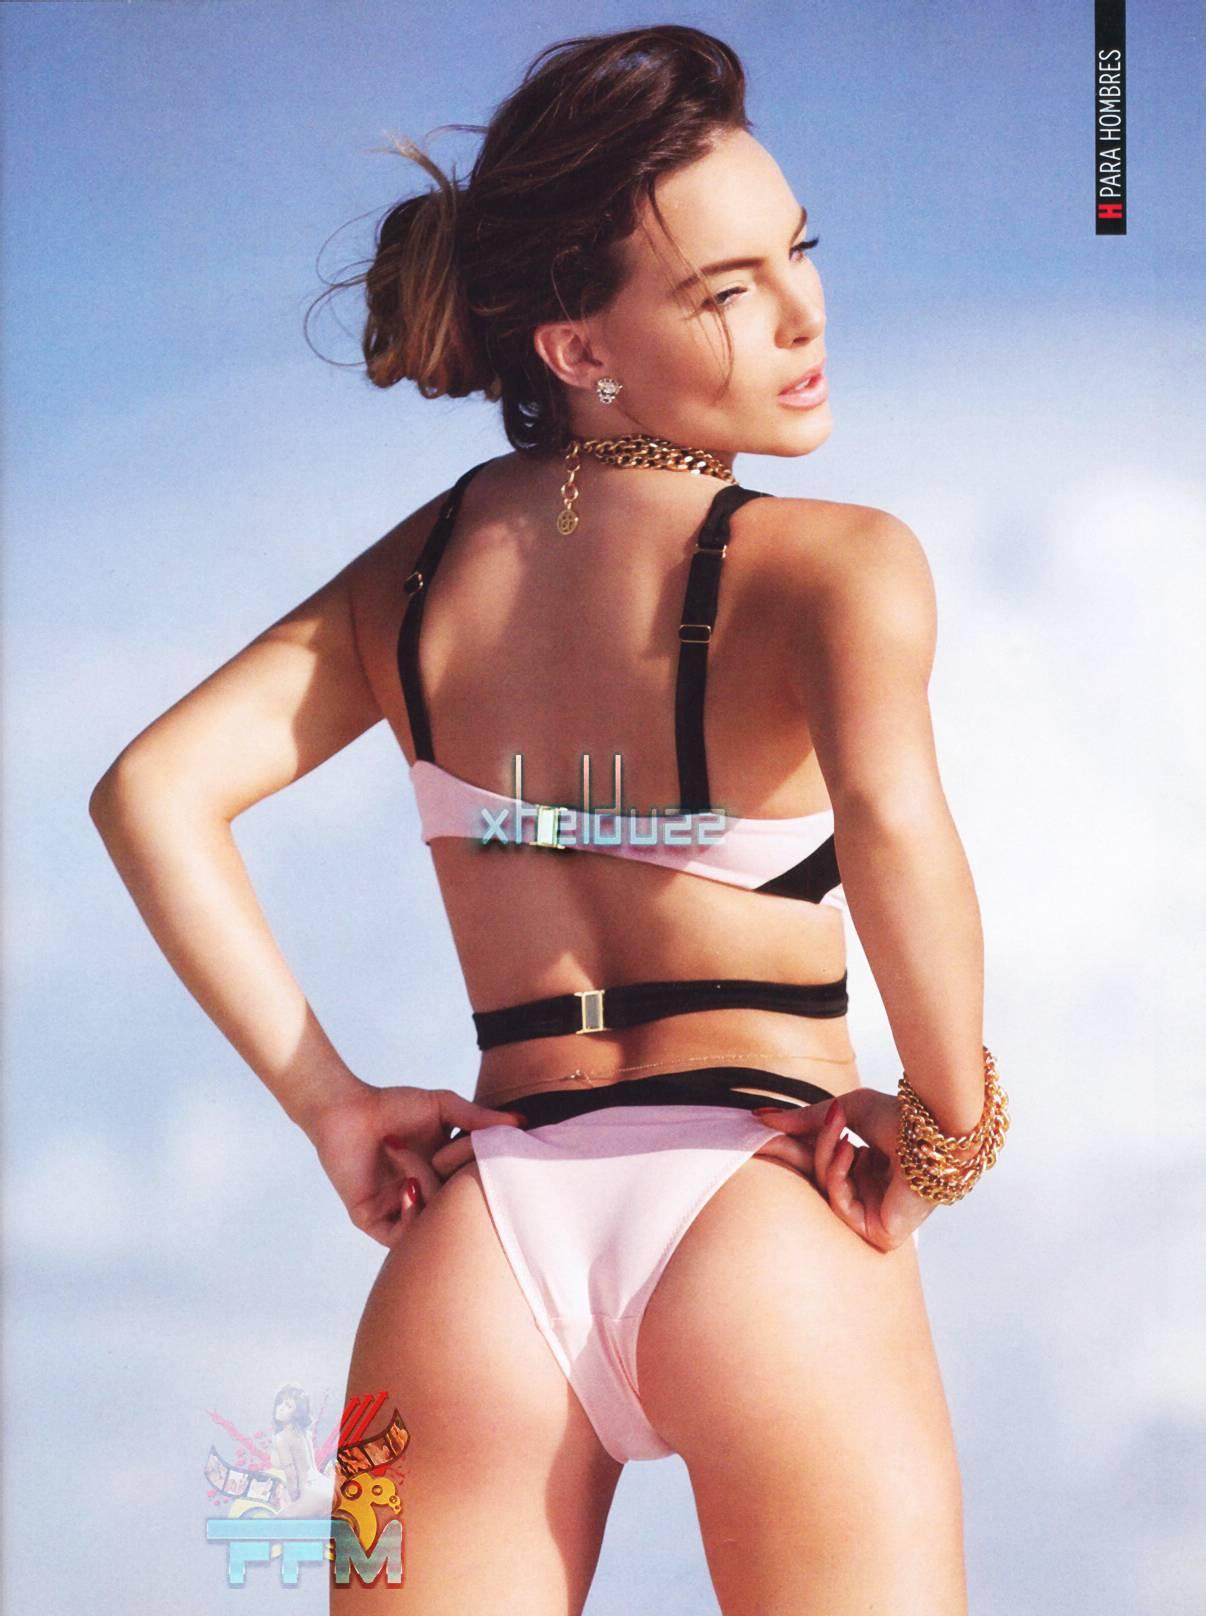 Belinda Posó Super Sexy Y Con Muy Poca Ropa En La Revista H